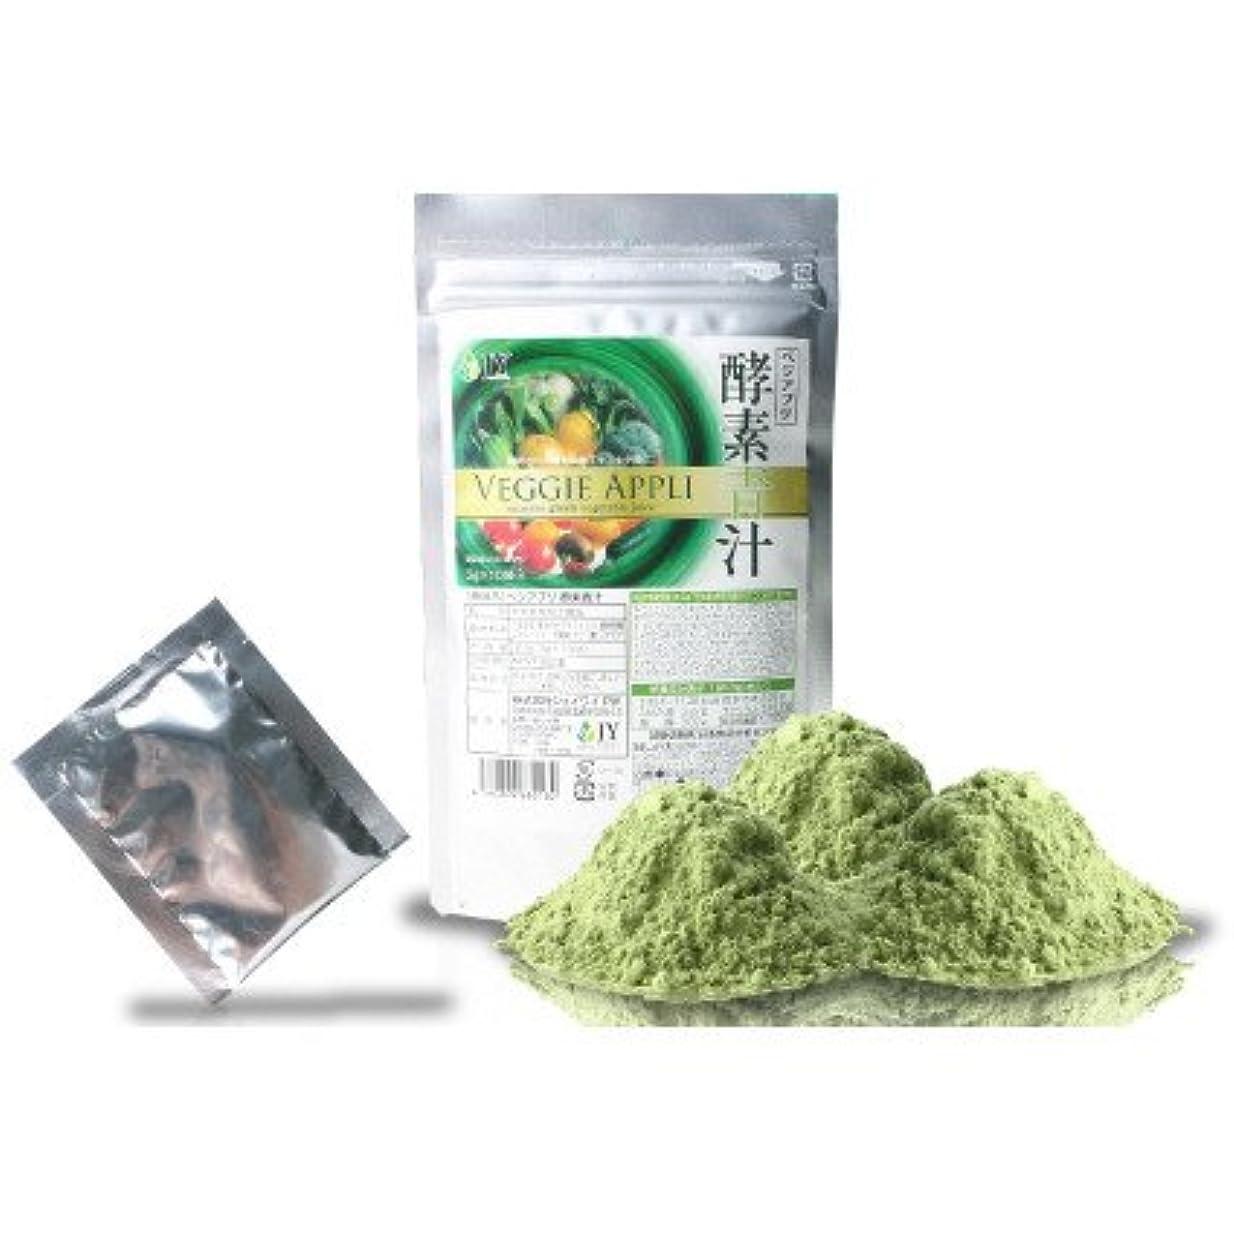 包括的マラドロイト信頼酵素と青汁と乳酸菌、効率よくダイエットをサポート『ベジアプリ 酵素青汁 約10日間お試しサイズ10包入り』